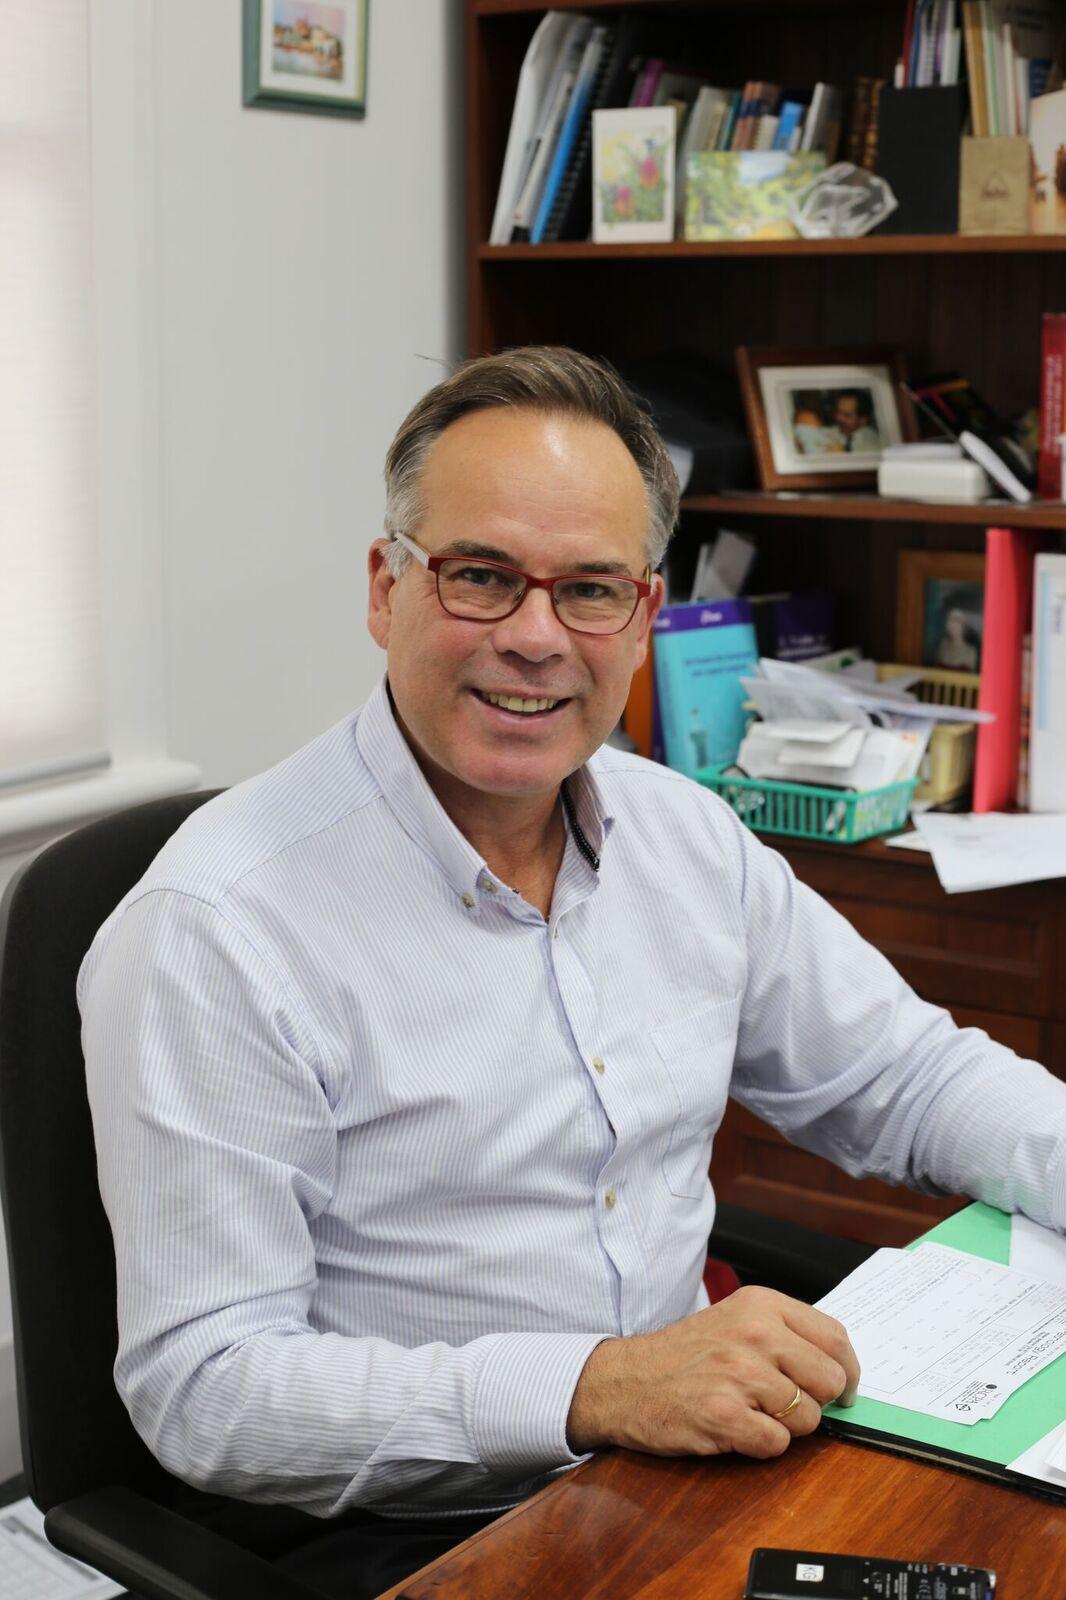 Clinical Associate Professor Kurt Gebauer